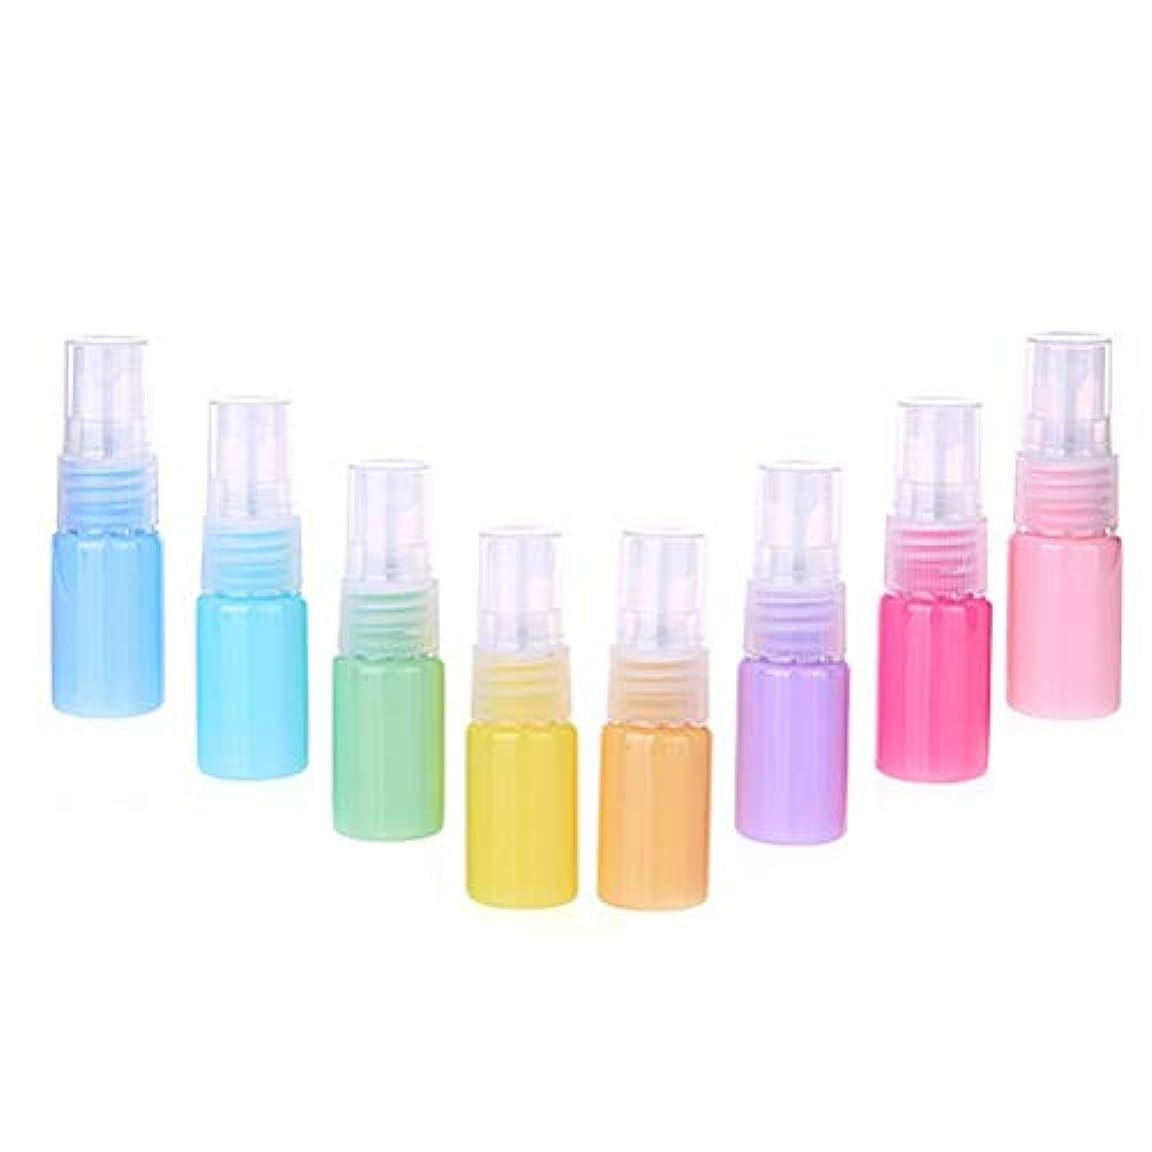 管理する陸軍フロンティアFrcolor 8ピース 10ml スプレー空ボトル カラフルな 収納ボトル 耐久性 化粧水 旅行アクセサリー (混合色)